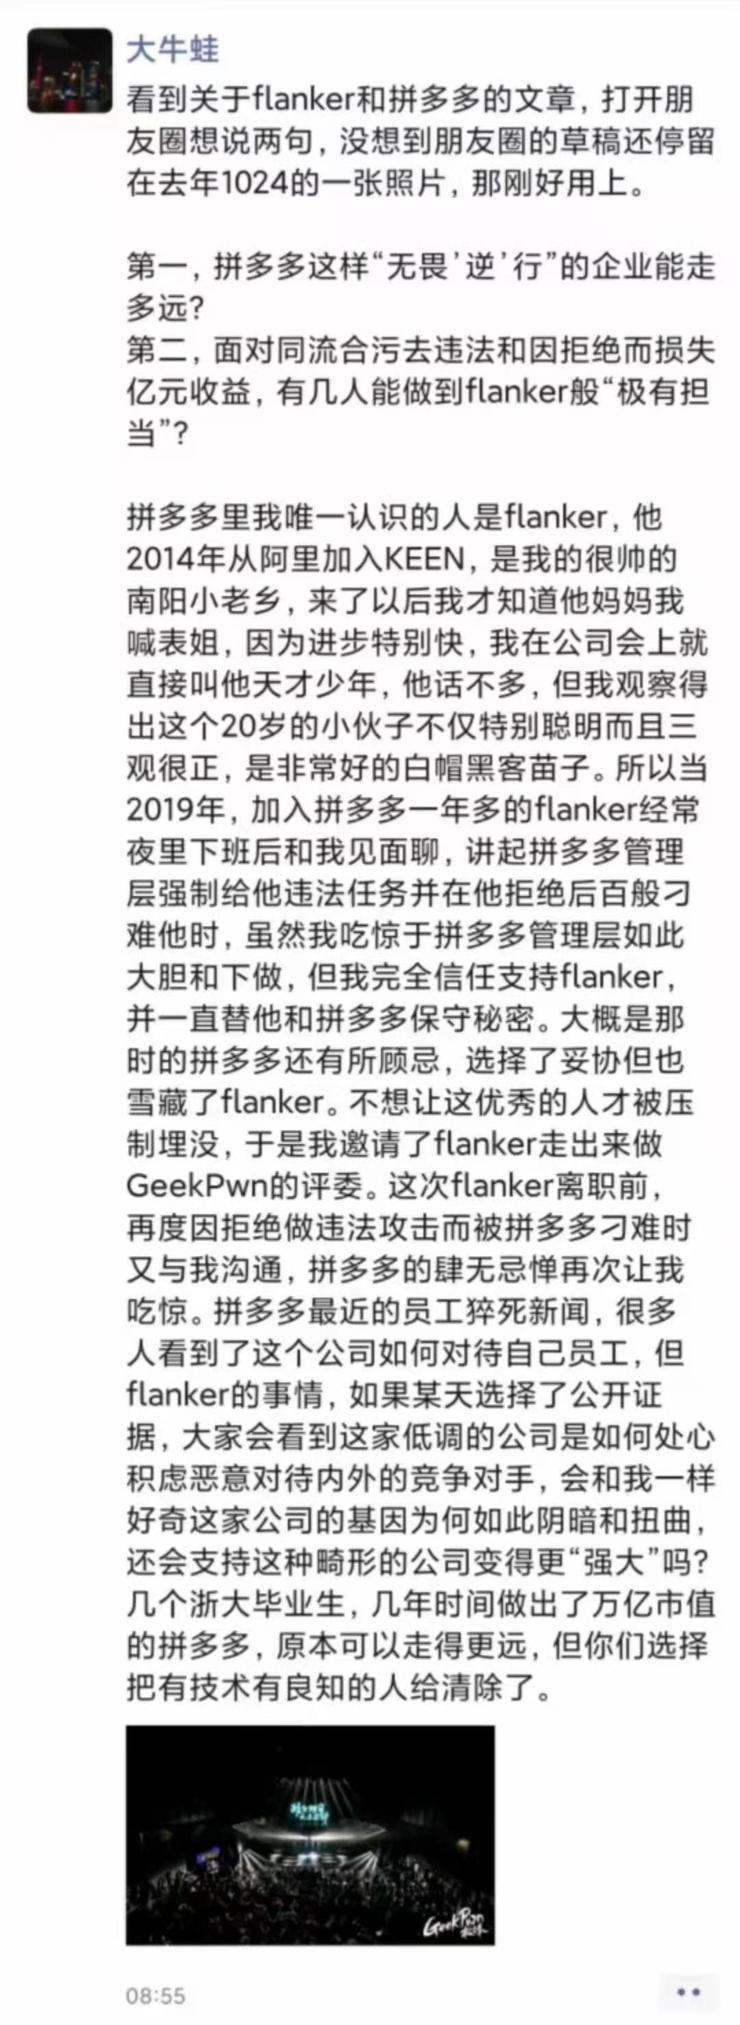 拼多多再添新瓜!15 岁上浙大、22 岁获世界冠军的天才黑客 Flanker 疑因拒绝违法攻击被强制开除